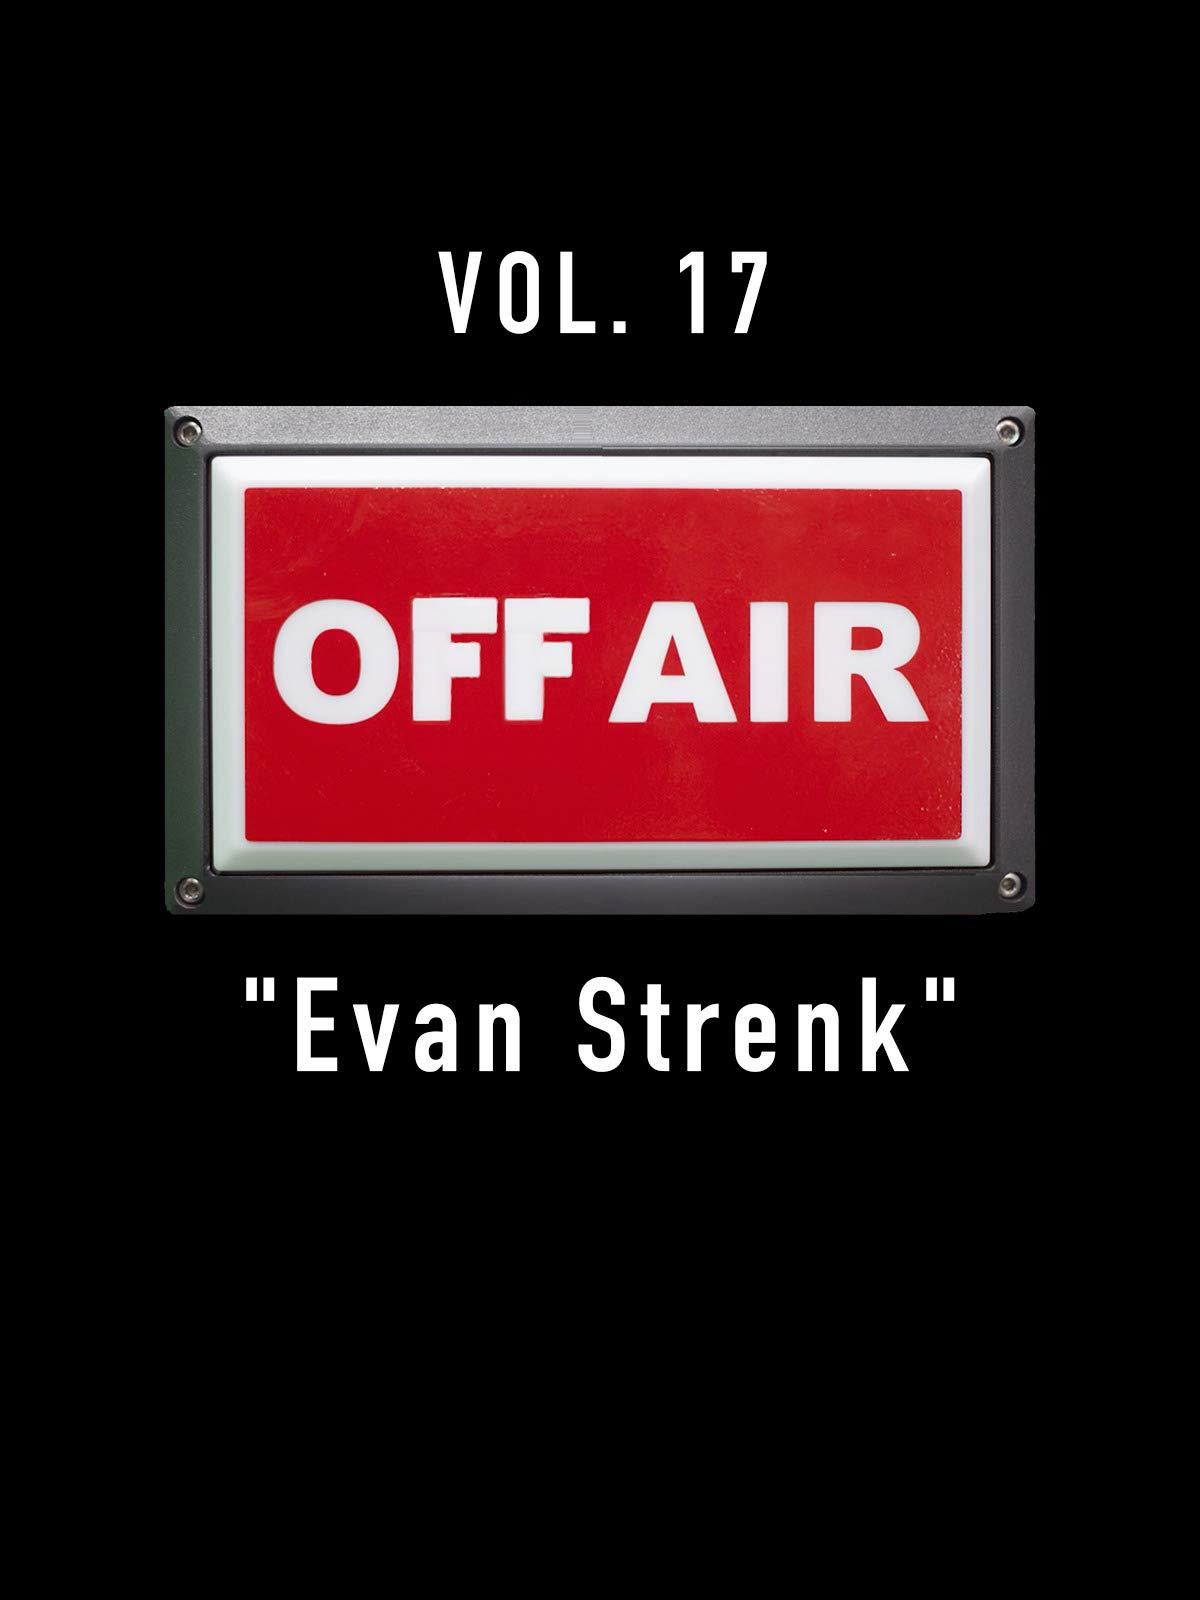 Off-Air Vol. 17